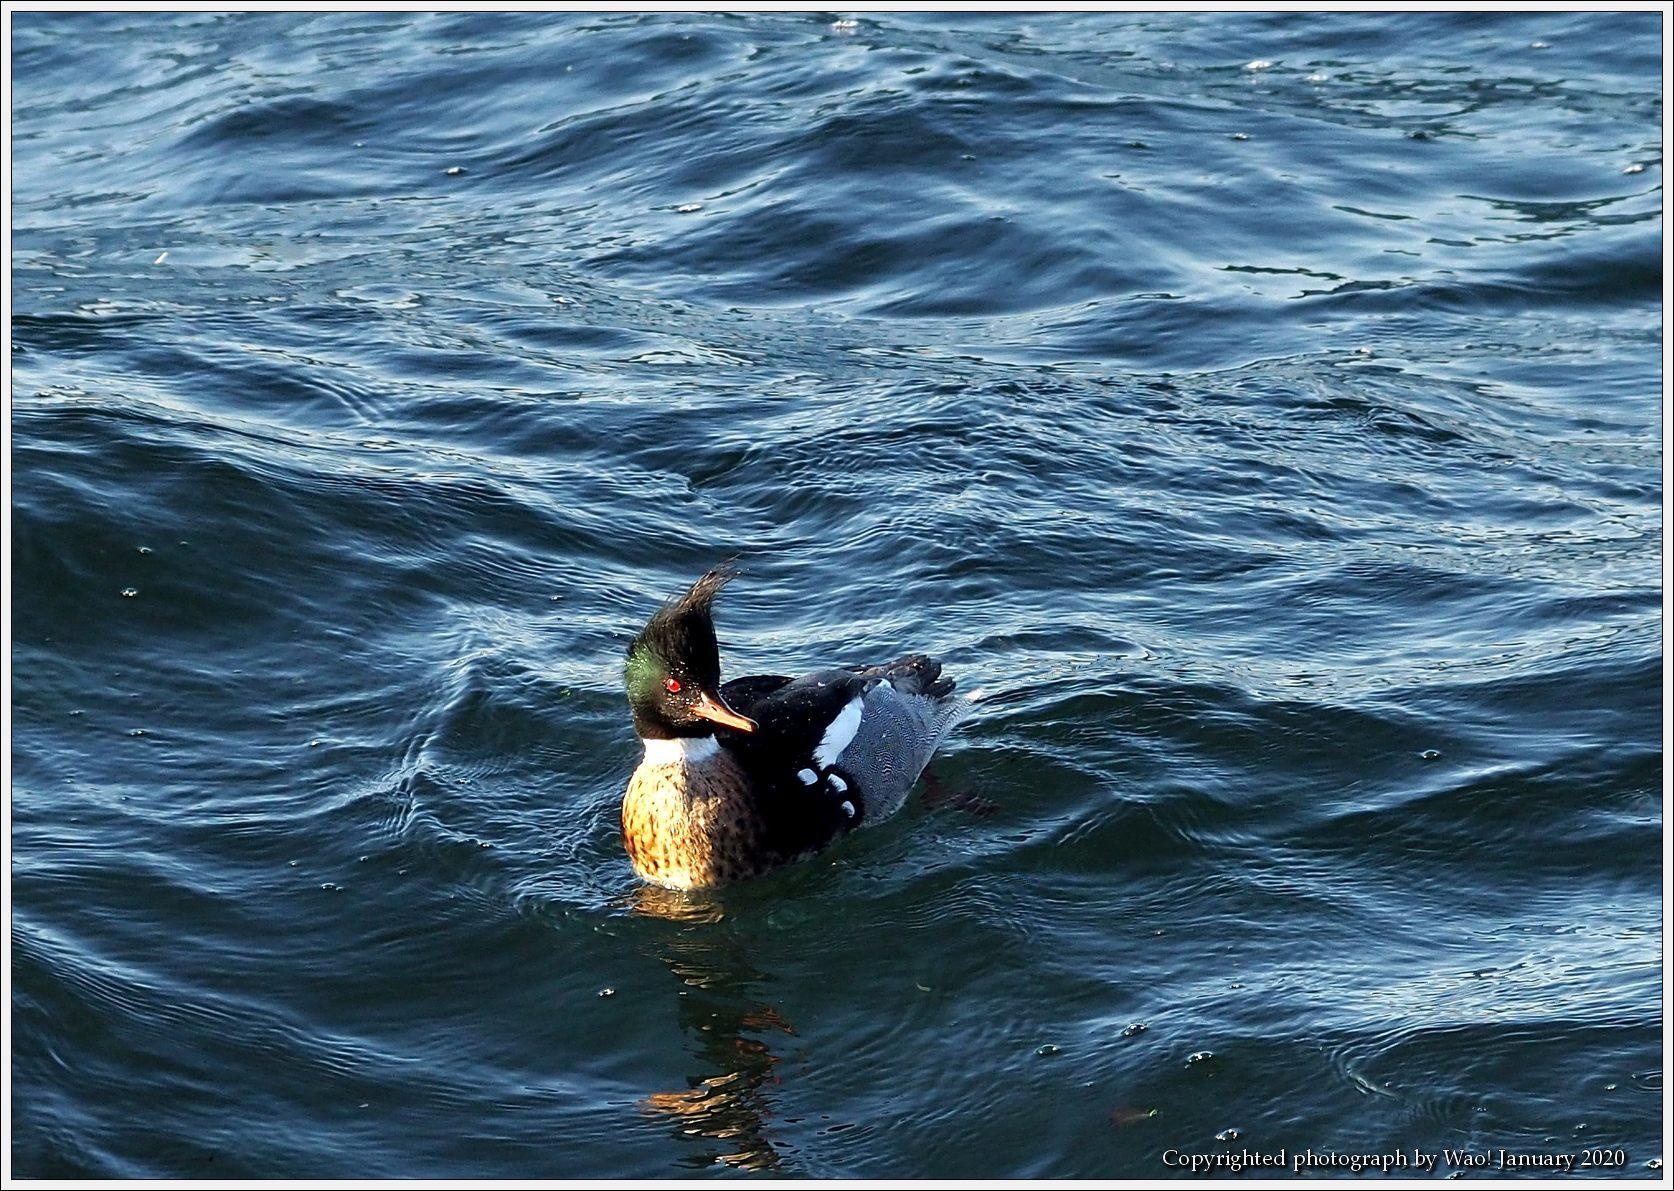 ウミアイサ 内湾で_c0198669_17454844.jpg